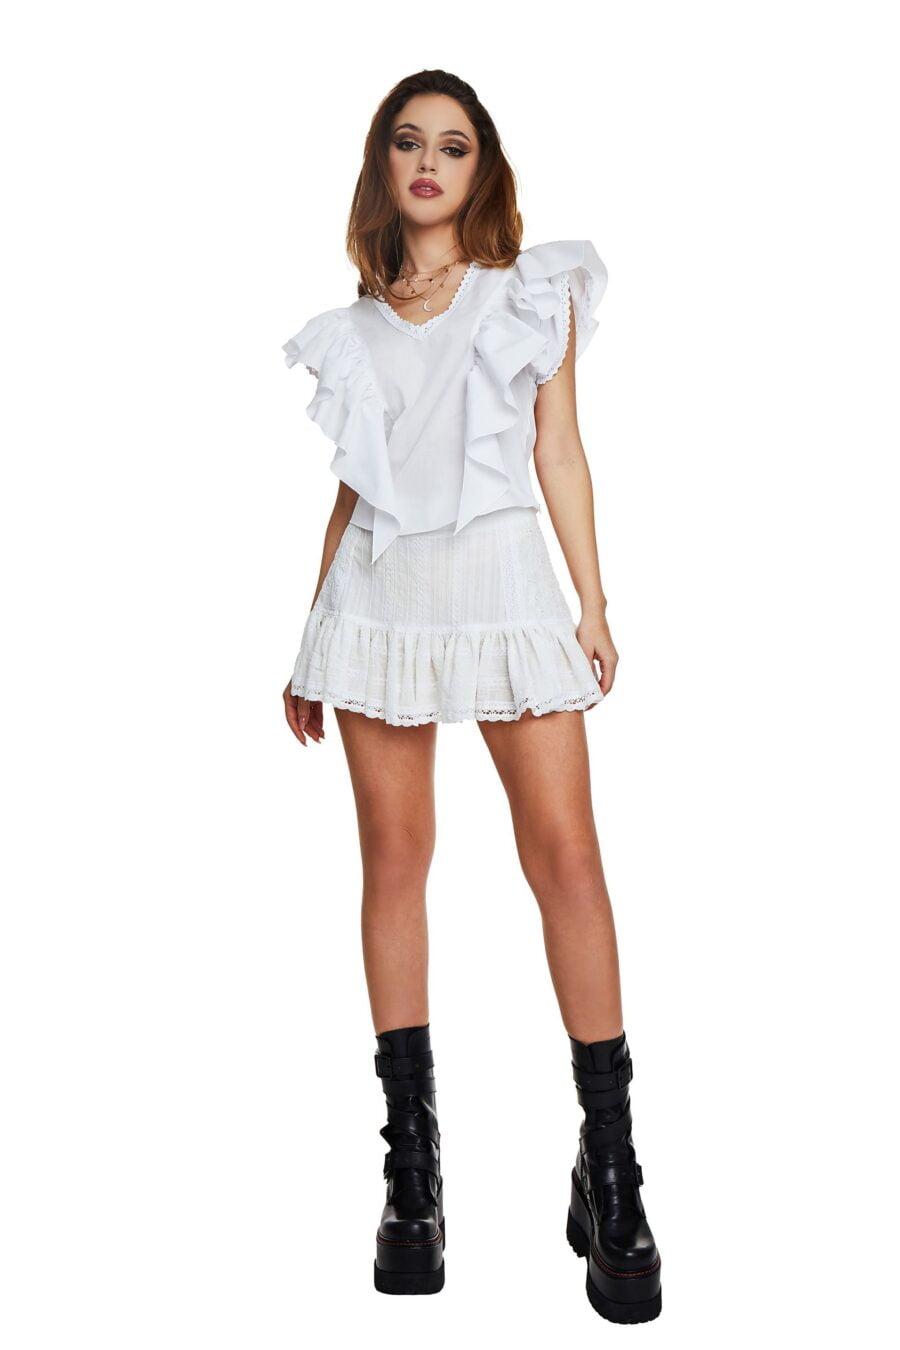 Short white skirt